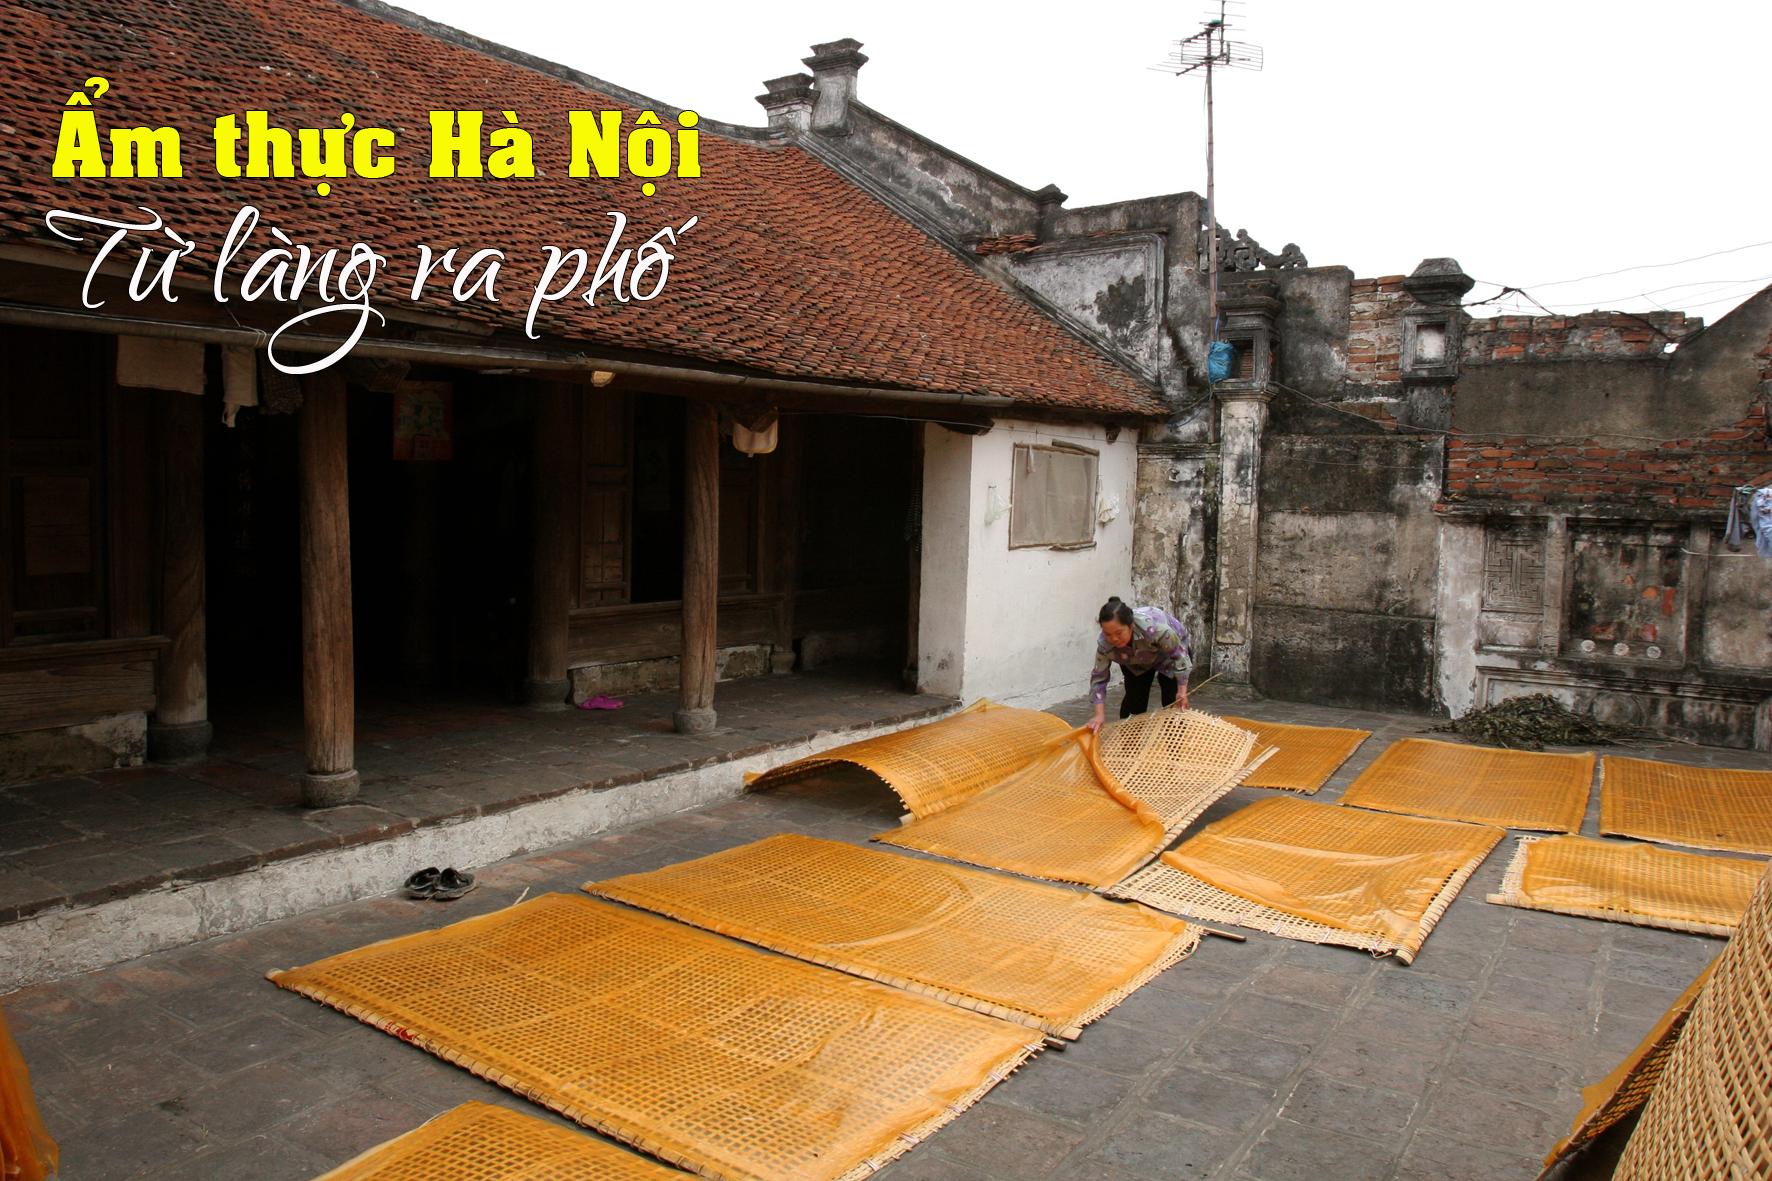 Ẩm thực Hà Nội:Từ làng ra phố